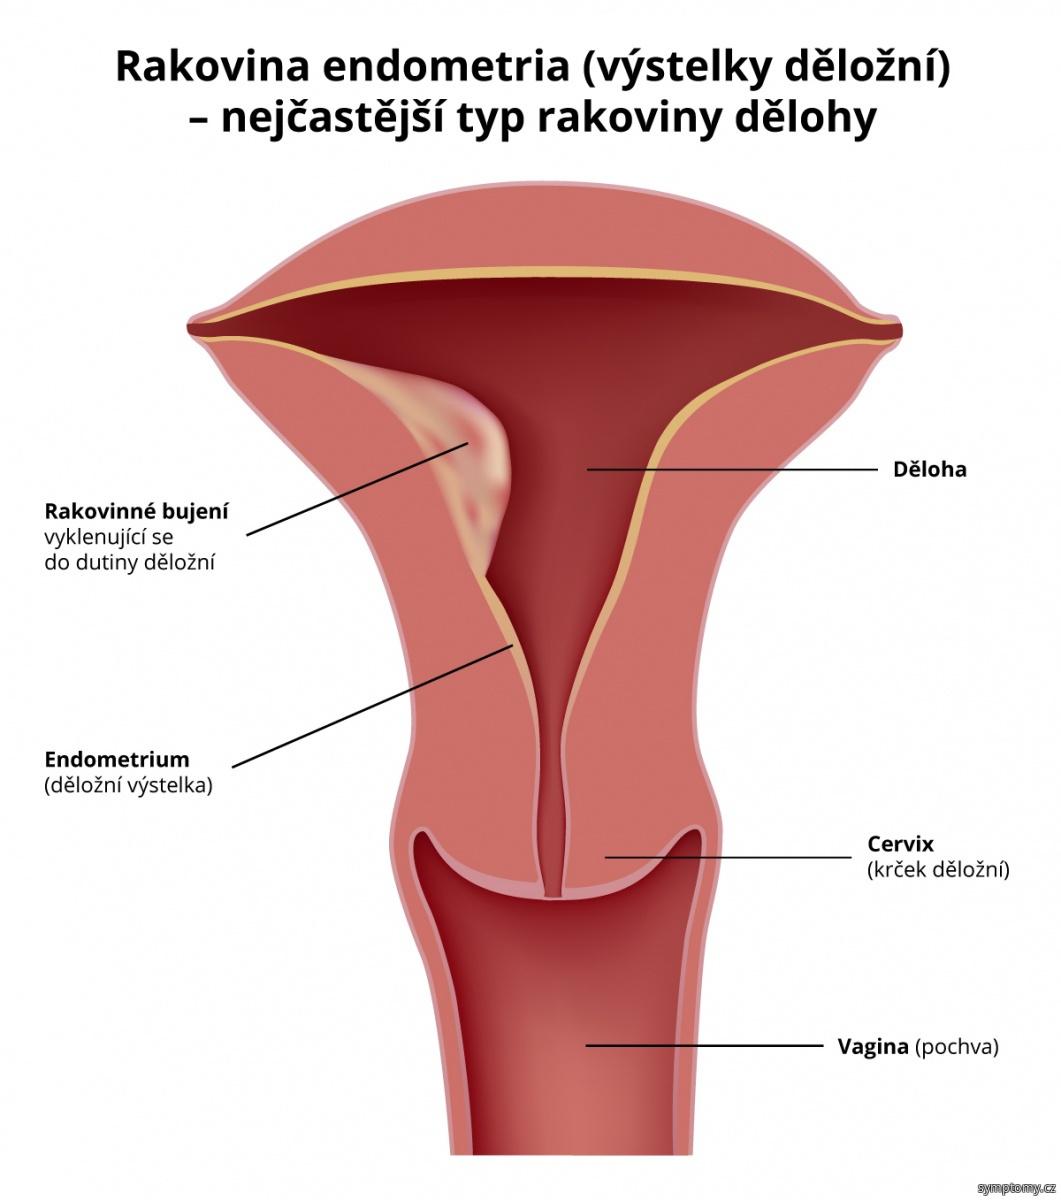 Rakovina endometria (výstelky děložní) - nejčastější typ rakoviny dělohy